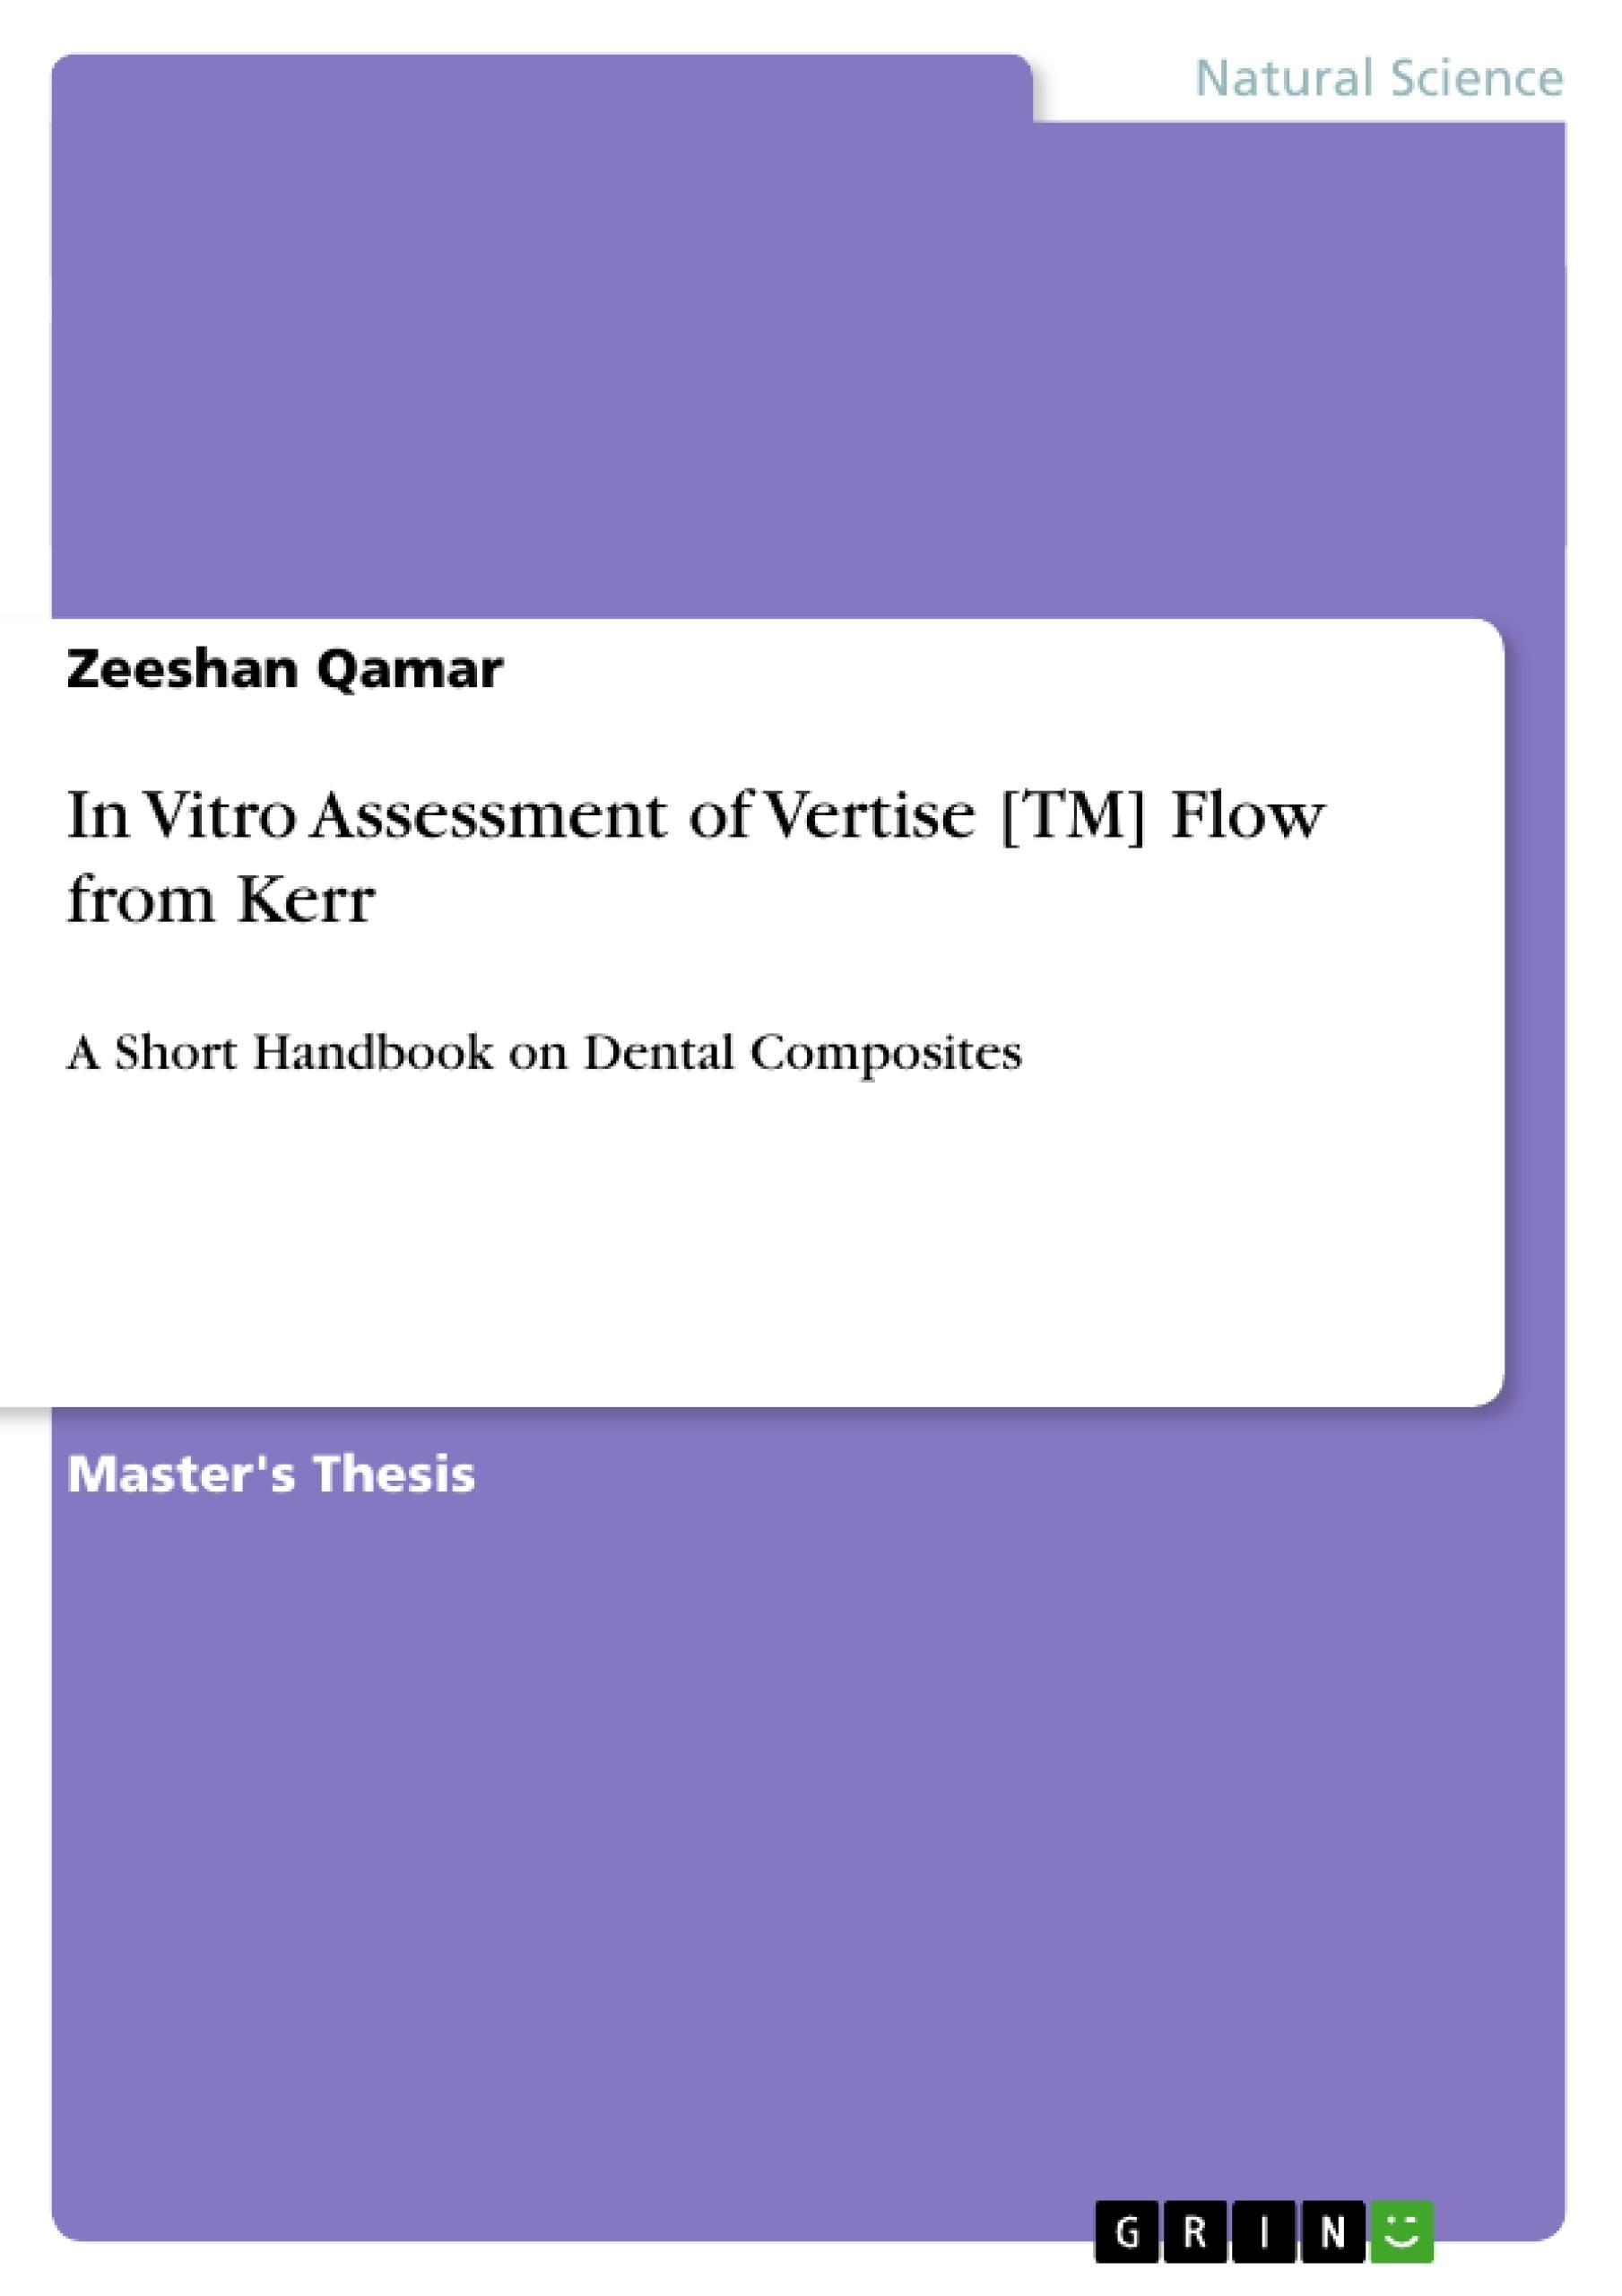 Title: In Vitro Assessment of Vertise [TM] Flow from Kerr